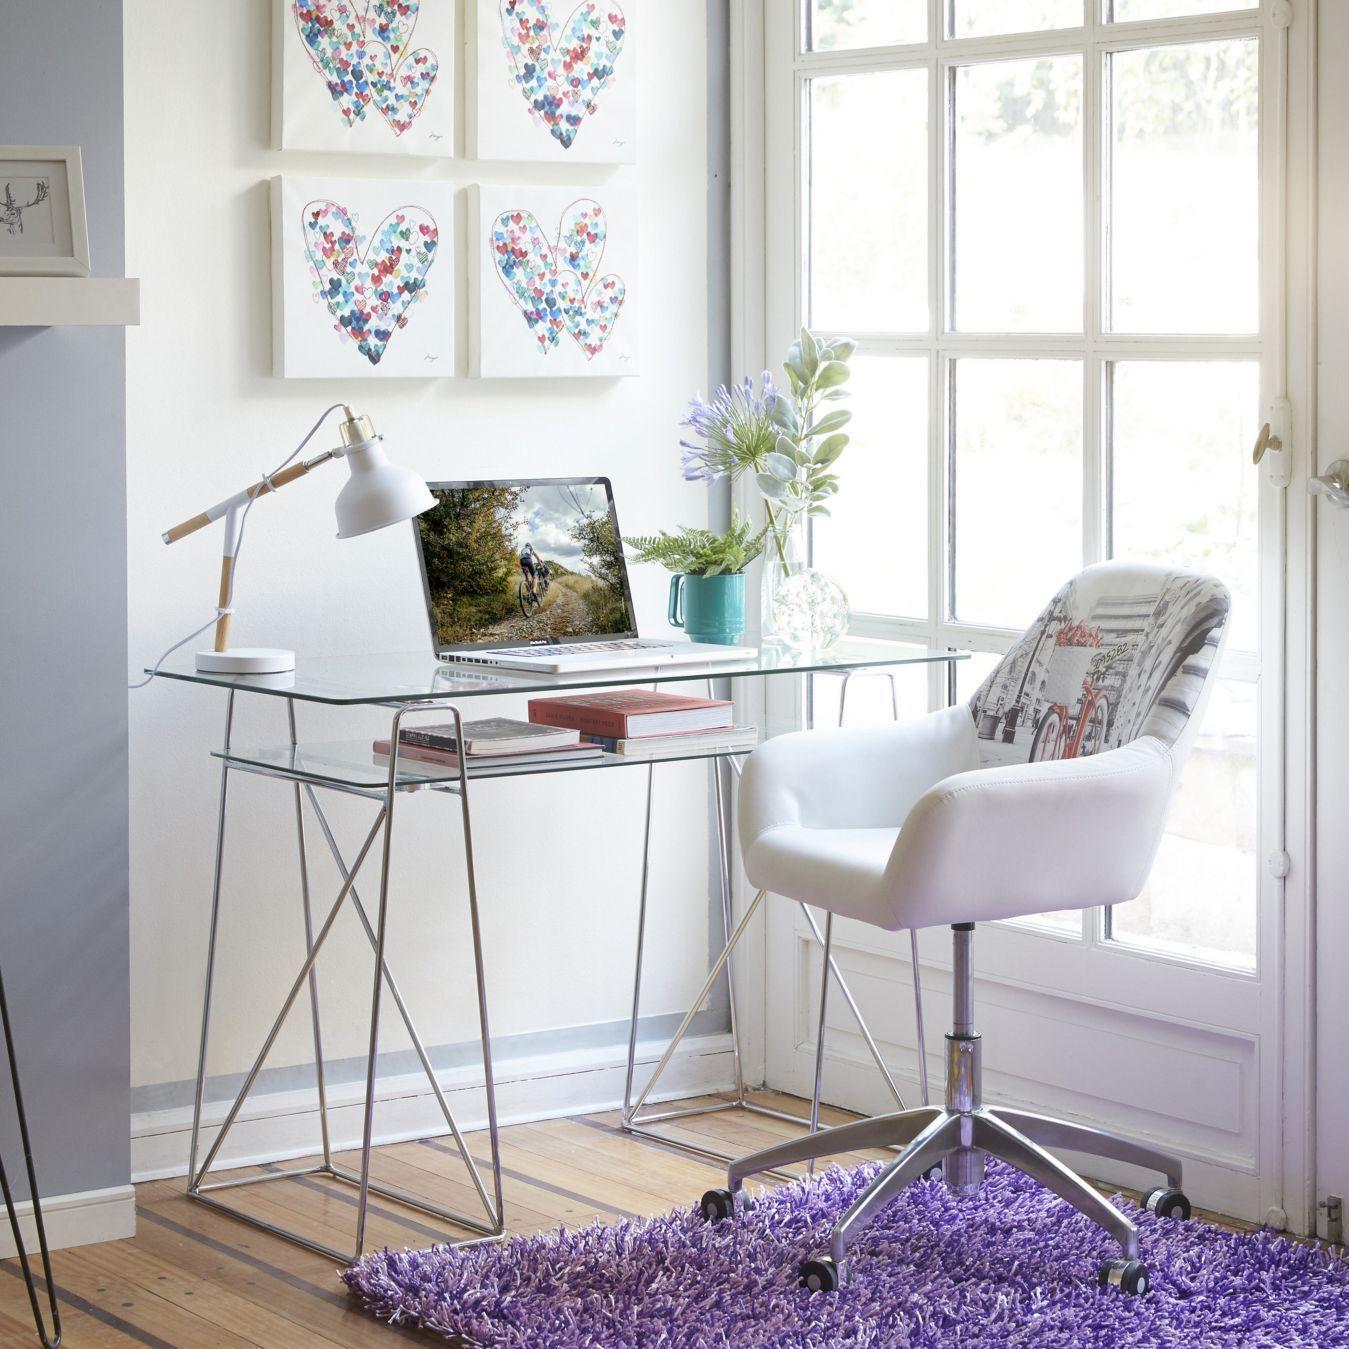 Sodimaccom  Dormitorio infantil  Pinterest  Sillas para pc Sillas y Decoracin de oficina